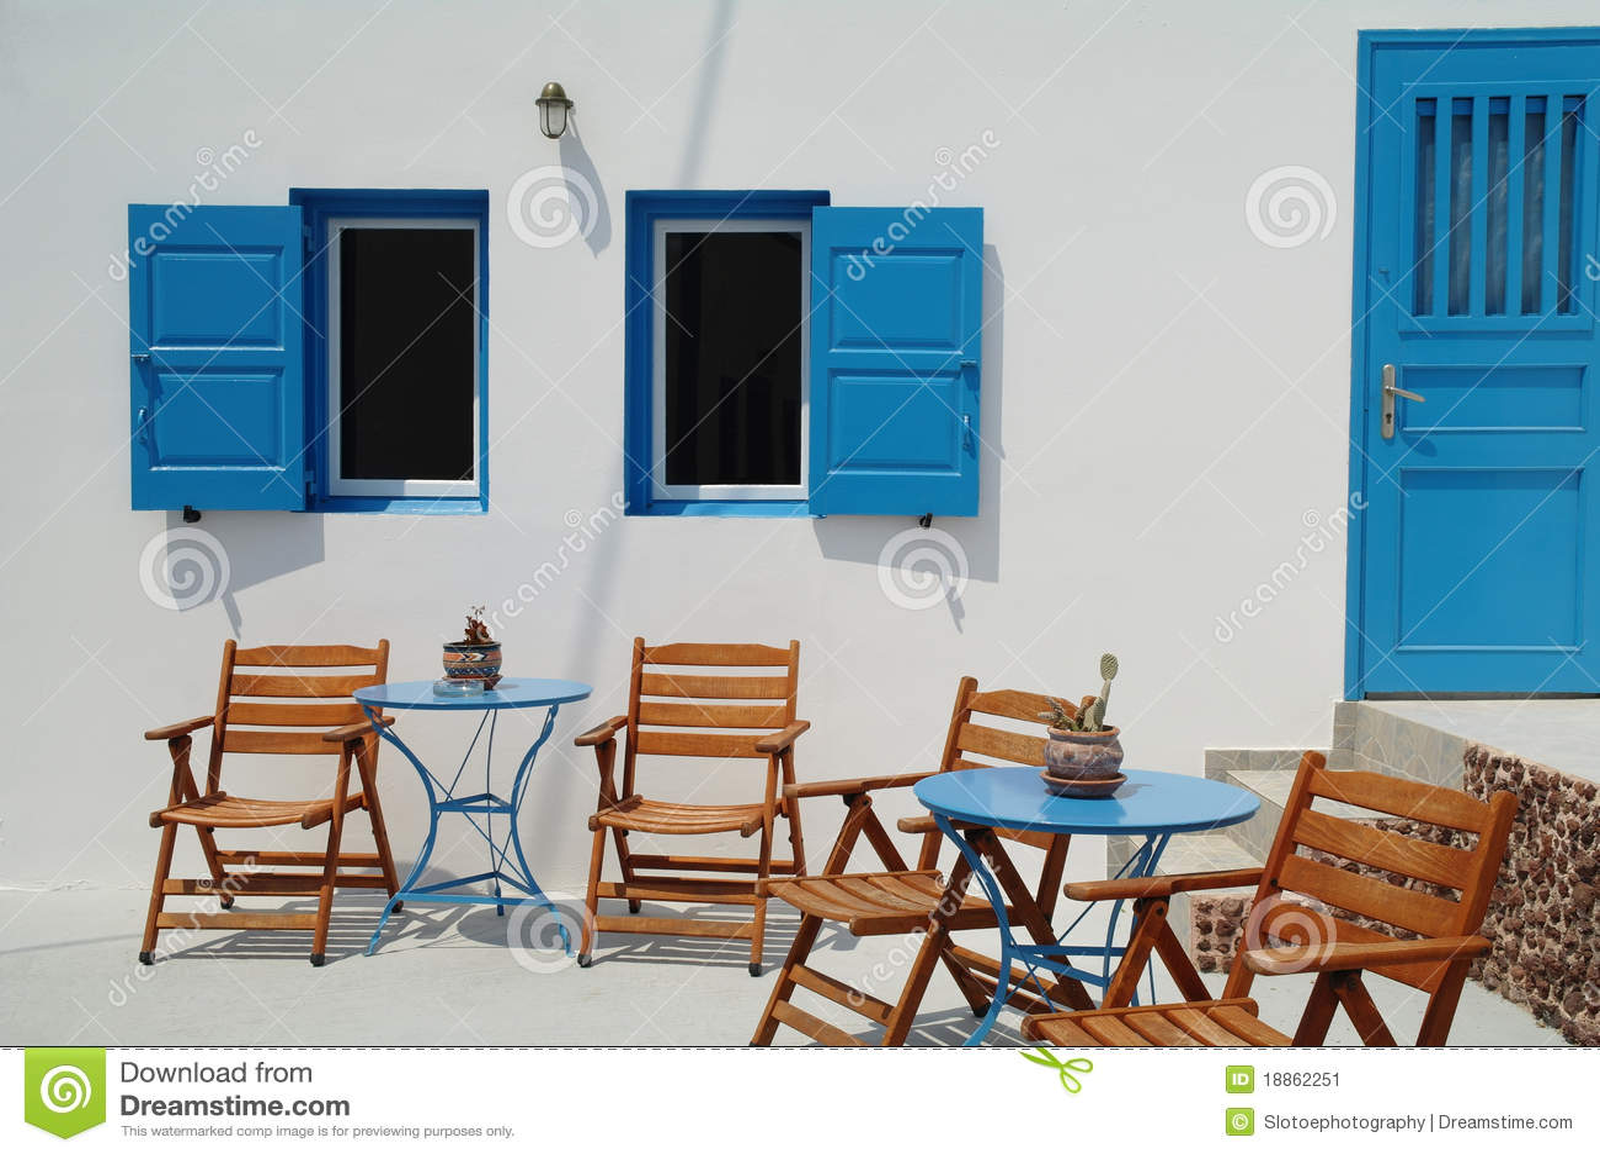 chambre de la gr ce peinte bleue et blanche santorini image stock image 18862251. Black Bedroom Furniture Sets. Home Design Ideas